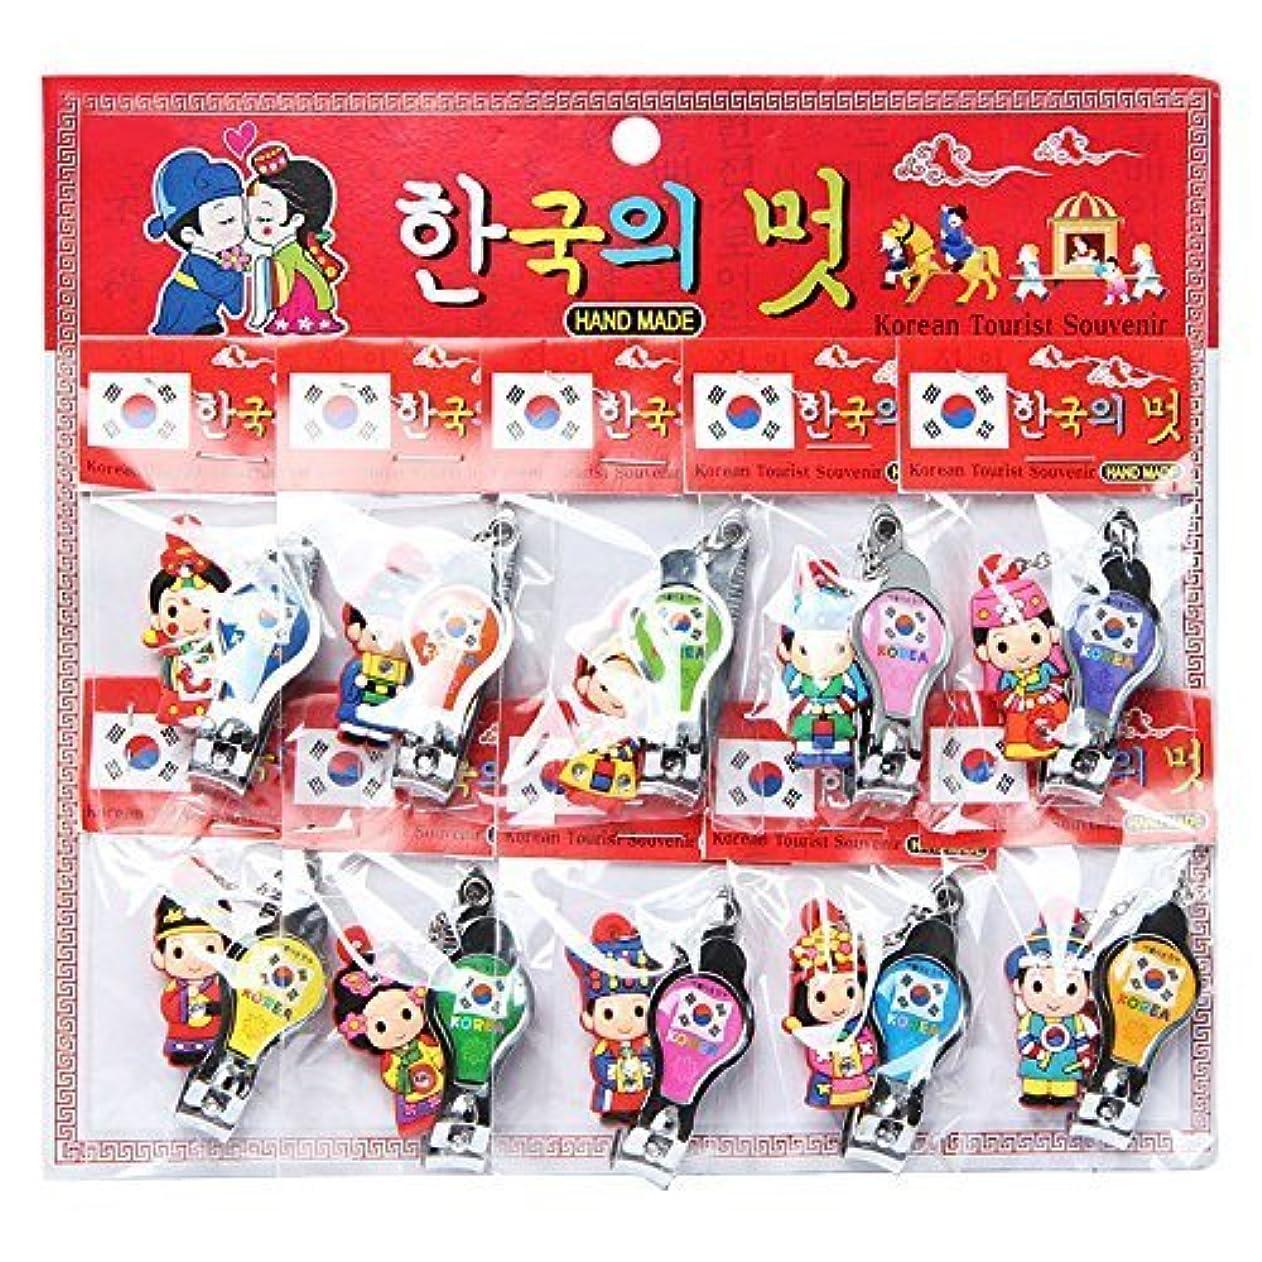 ツイン買うむき出しKOREA style Nail clippers / 韓国のお土産ギフト [並行輸入品]